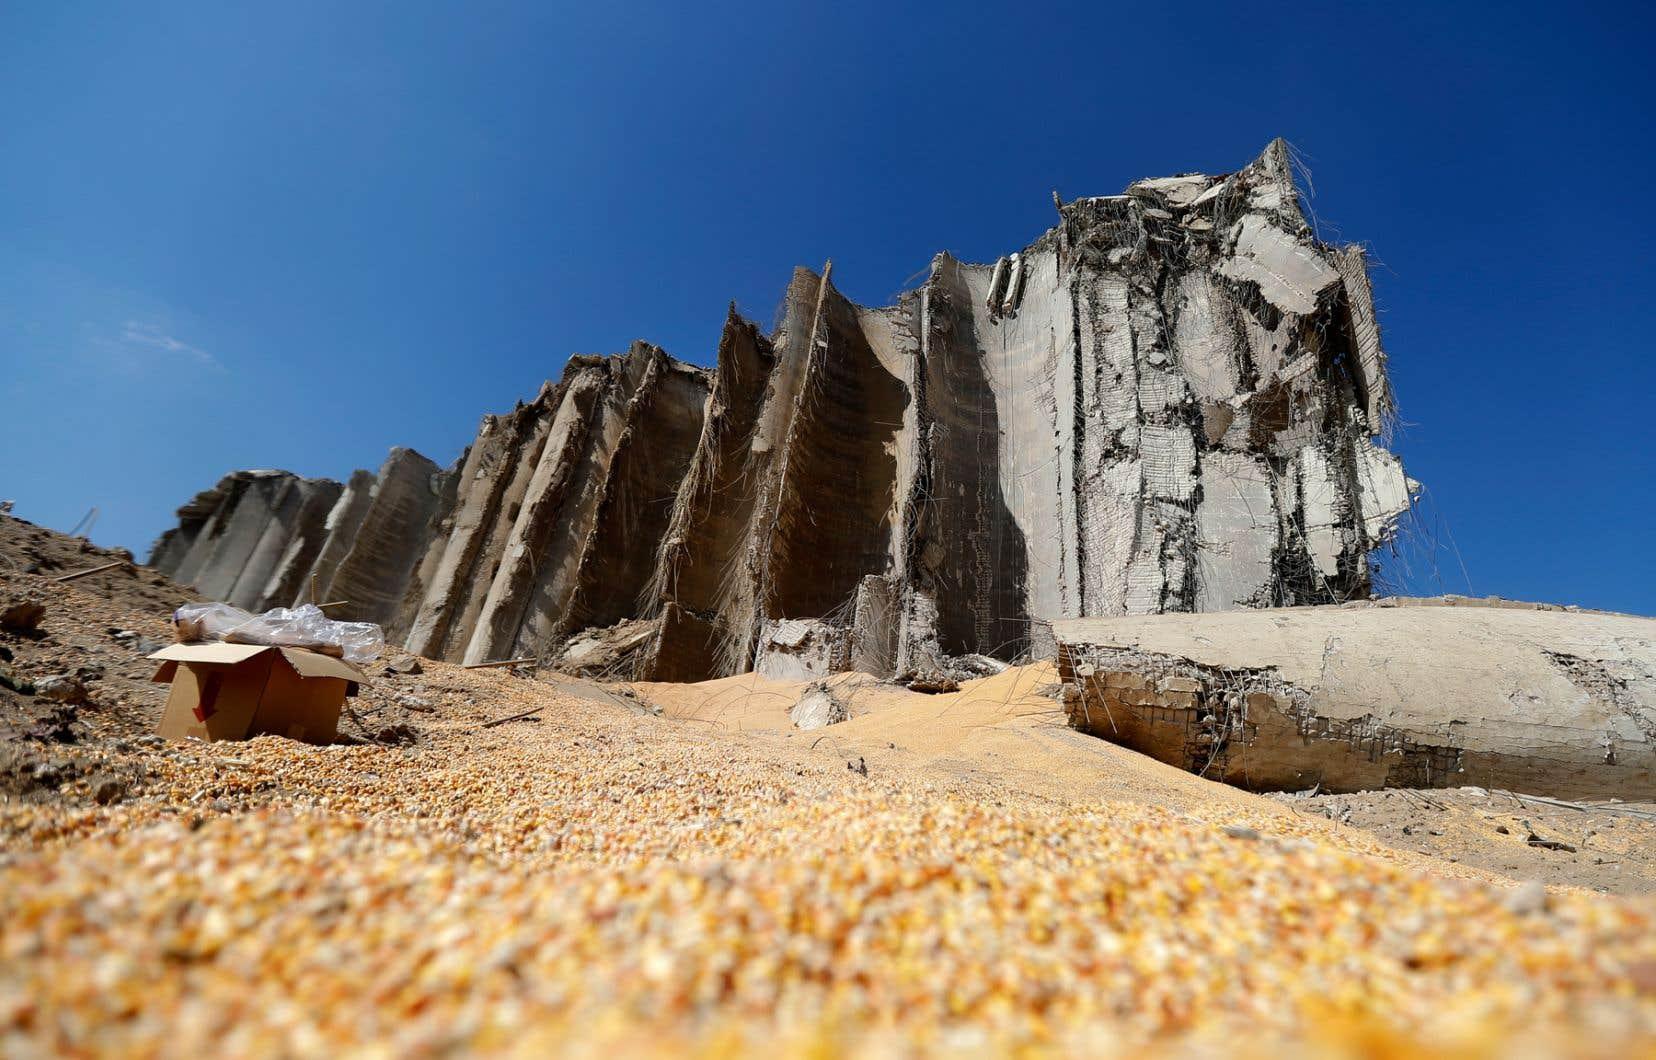 Les plus grands silos de céréales du Liban ont été détruit par les explosions survenues mardi.